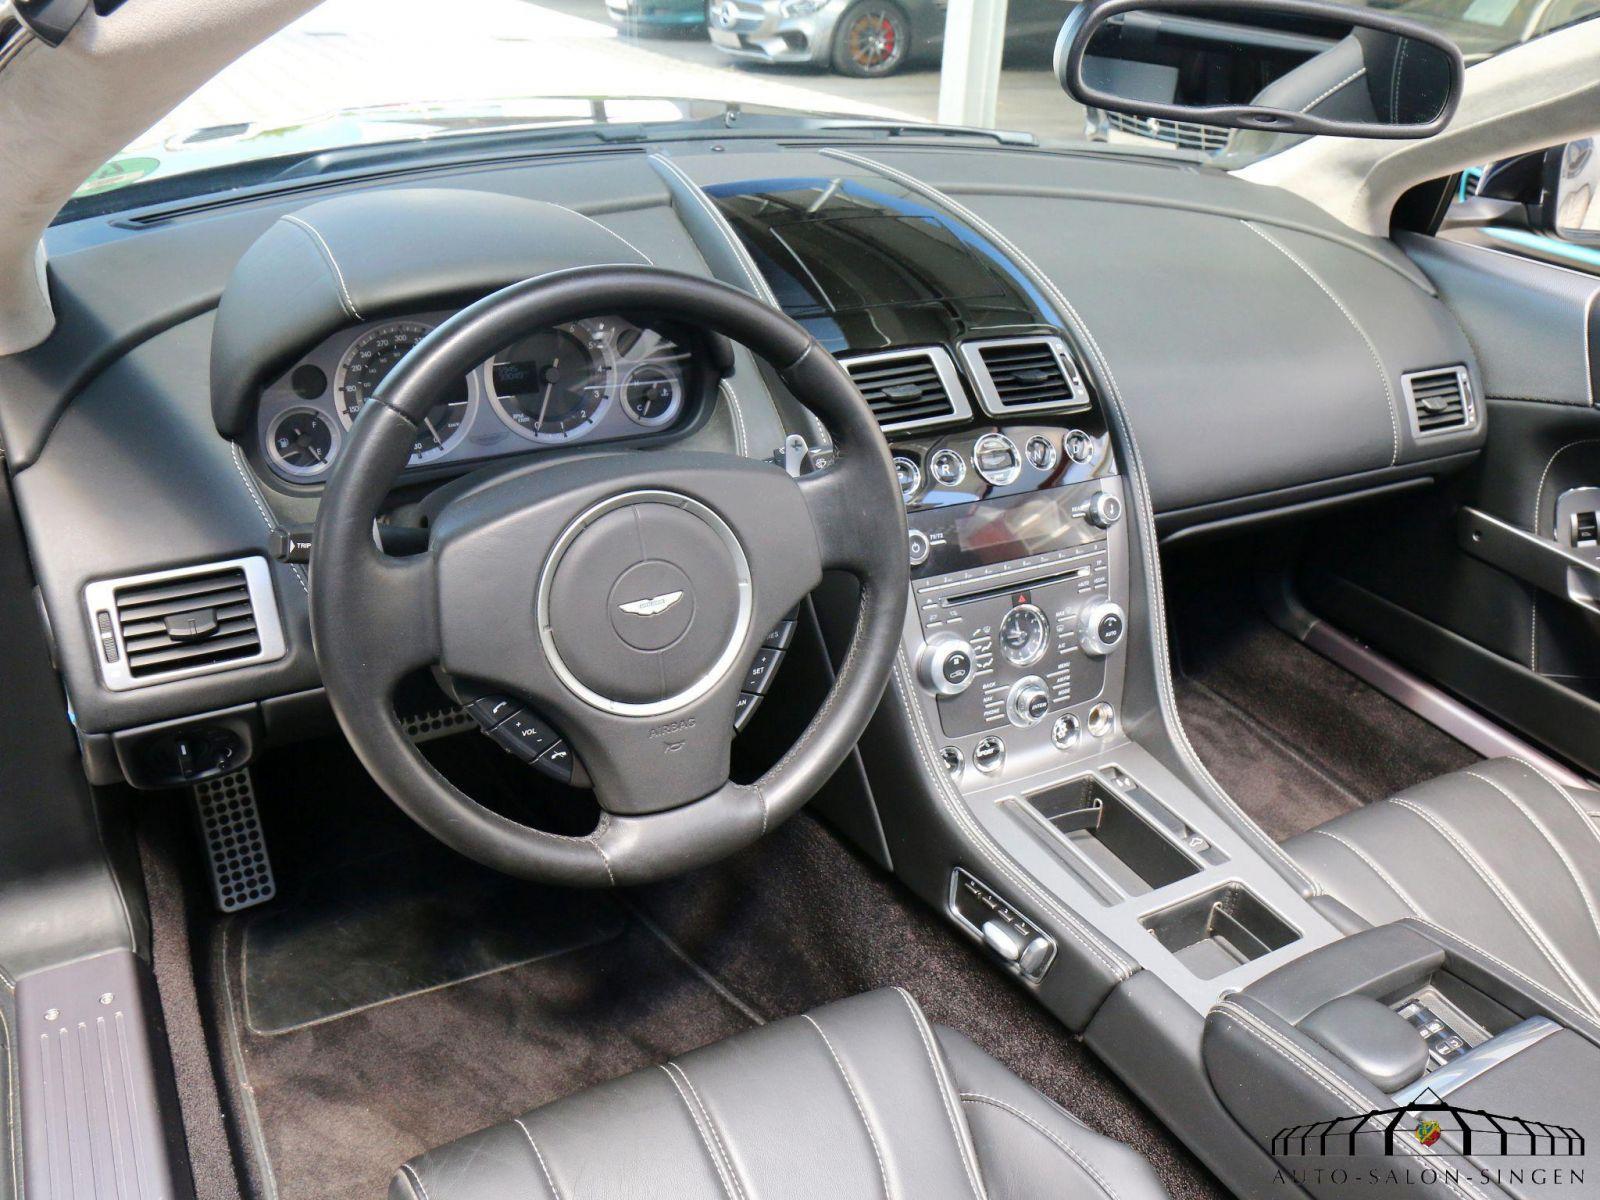 Aston Martin Db9 Volante Convertible Auto Salon Singen